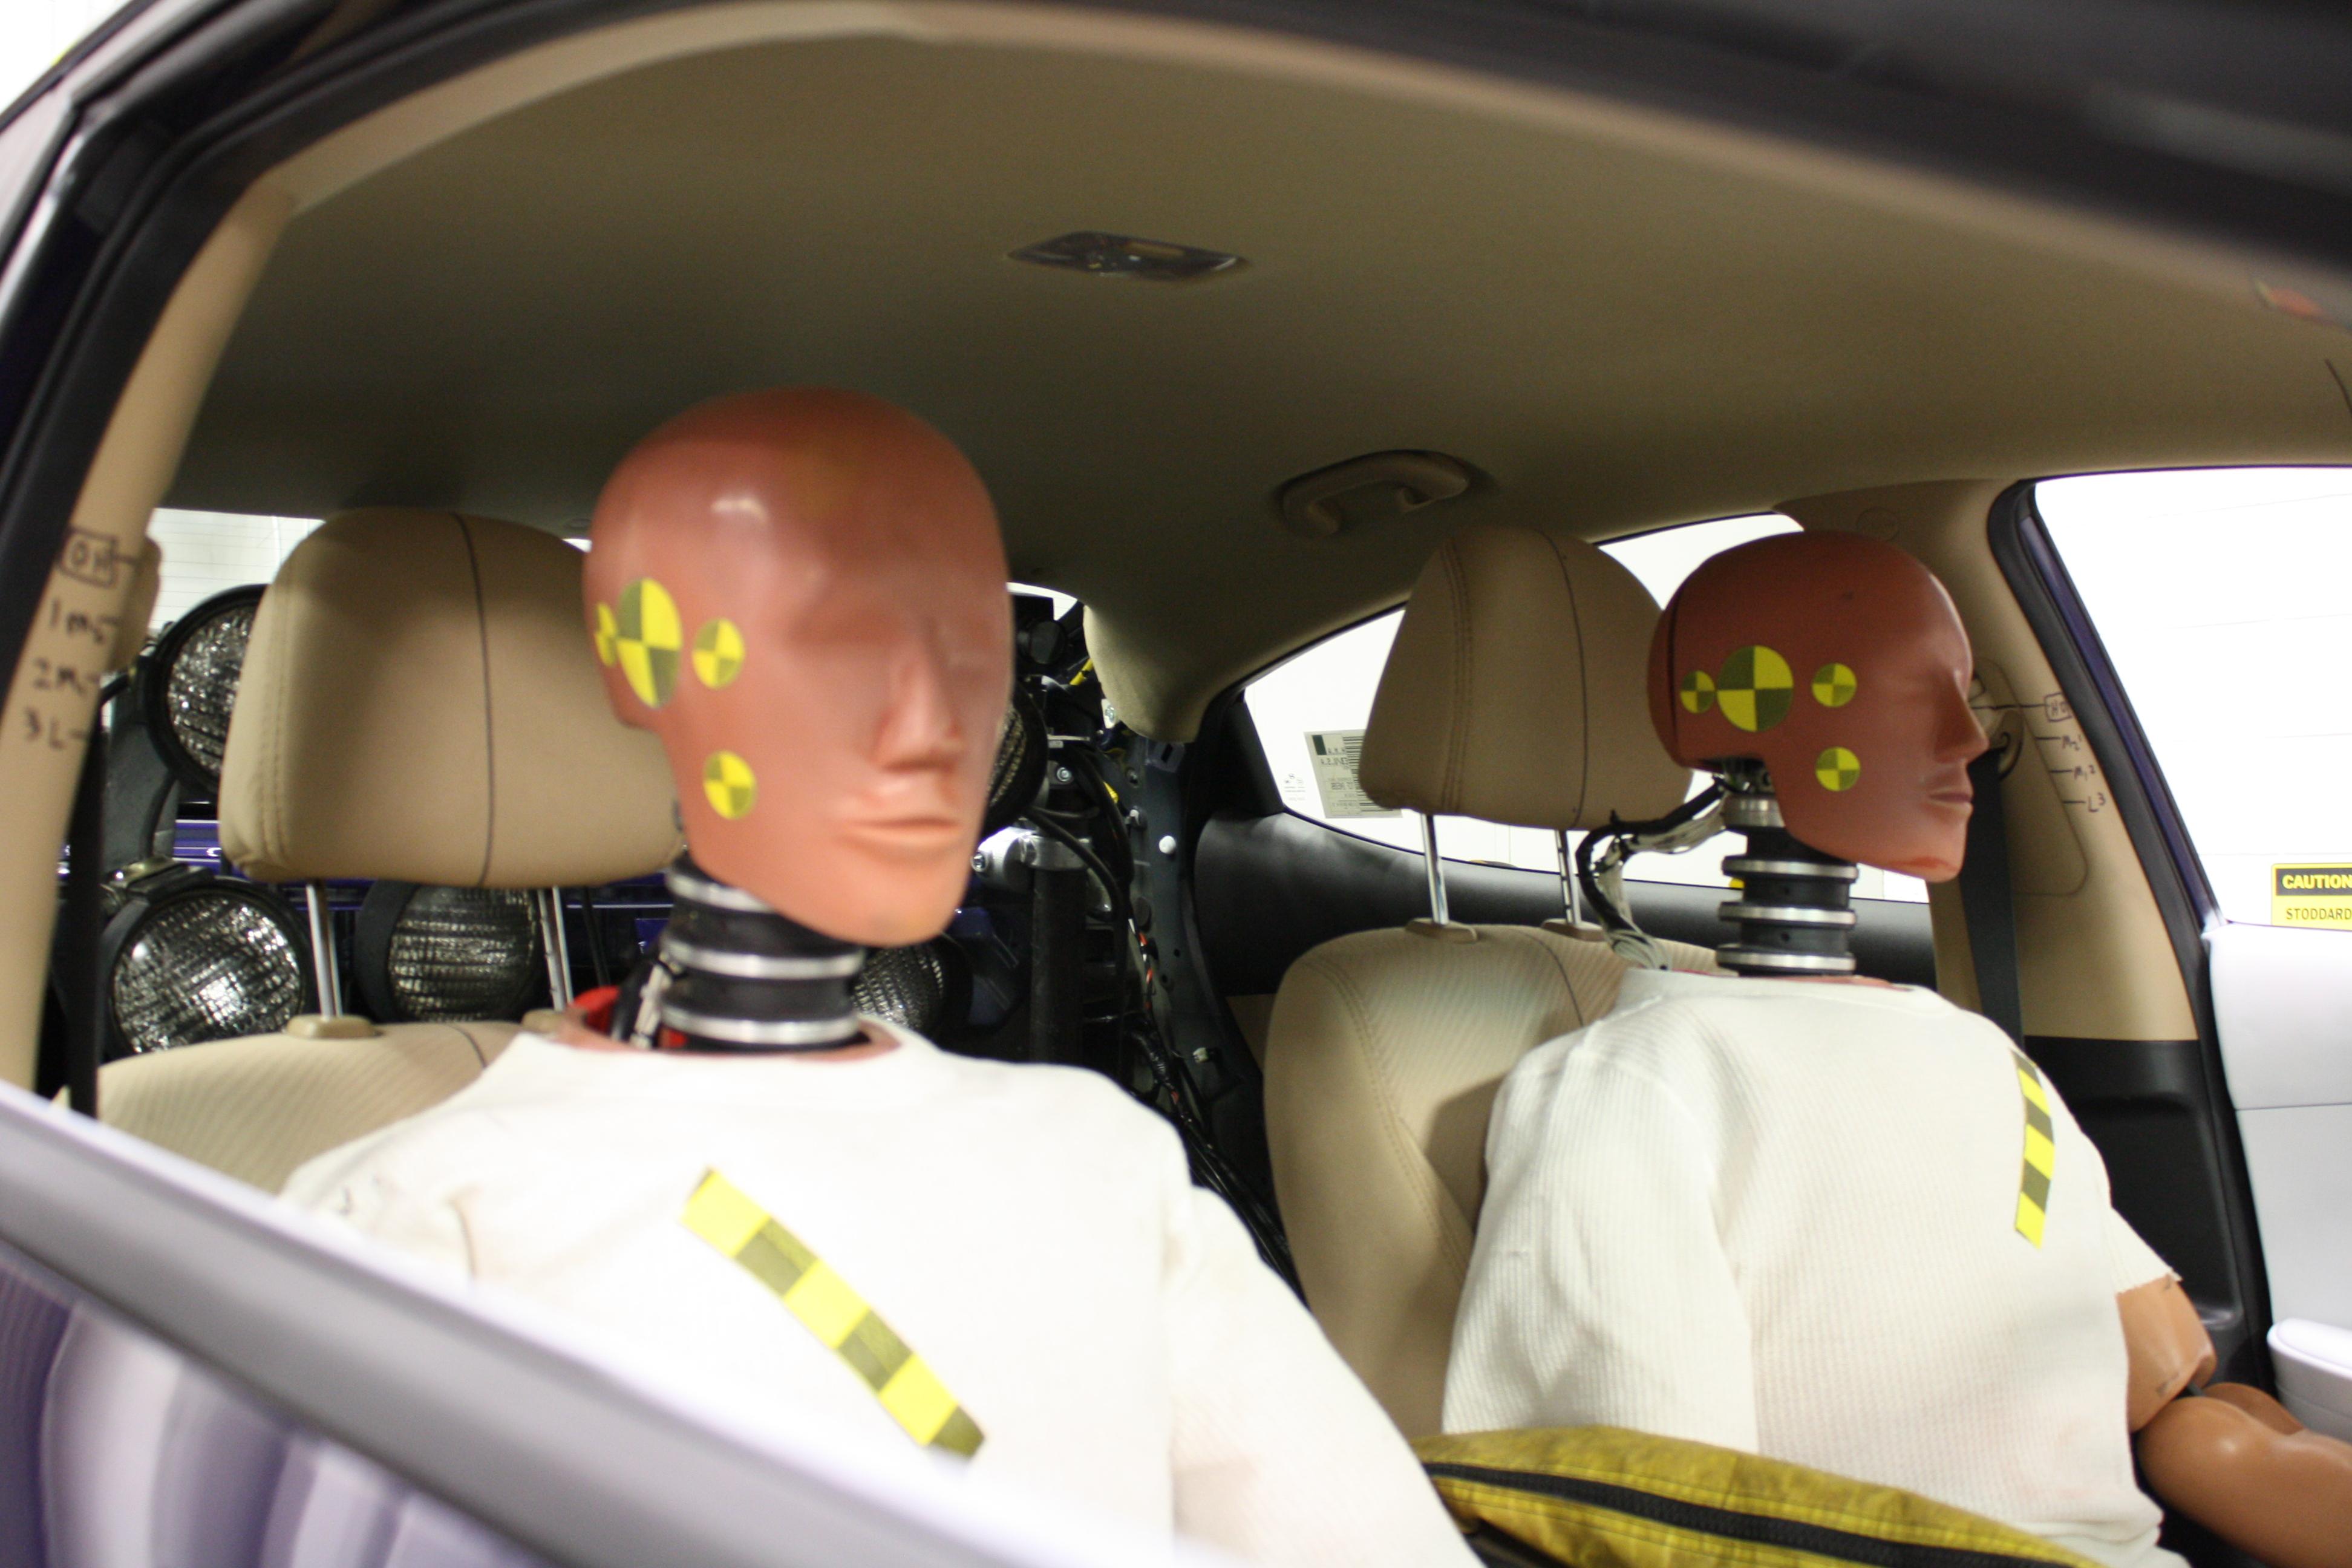 Crash Testing For Backseat Passengers Will Start In 2019